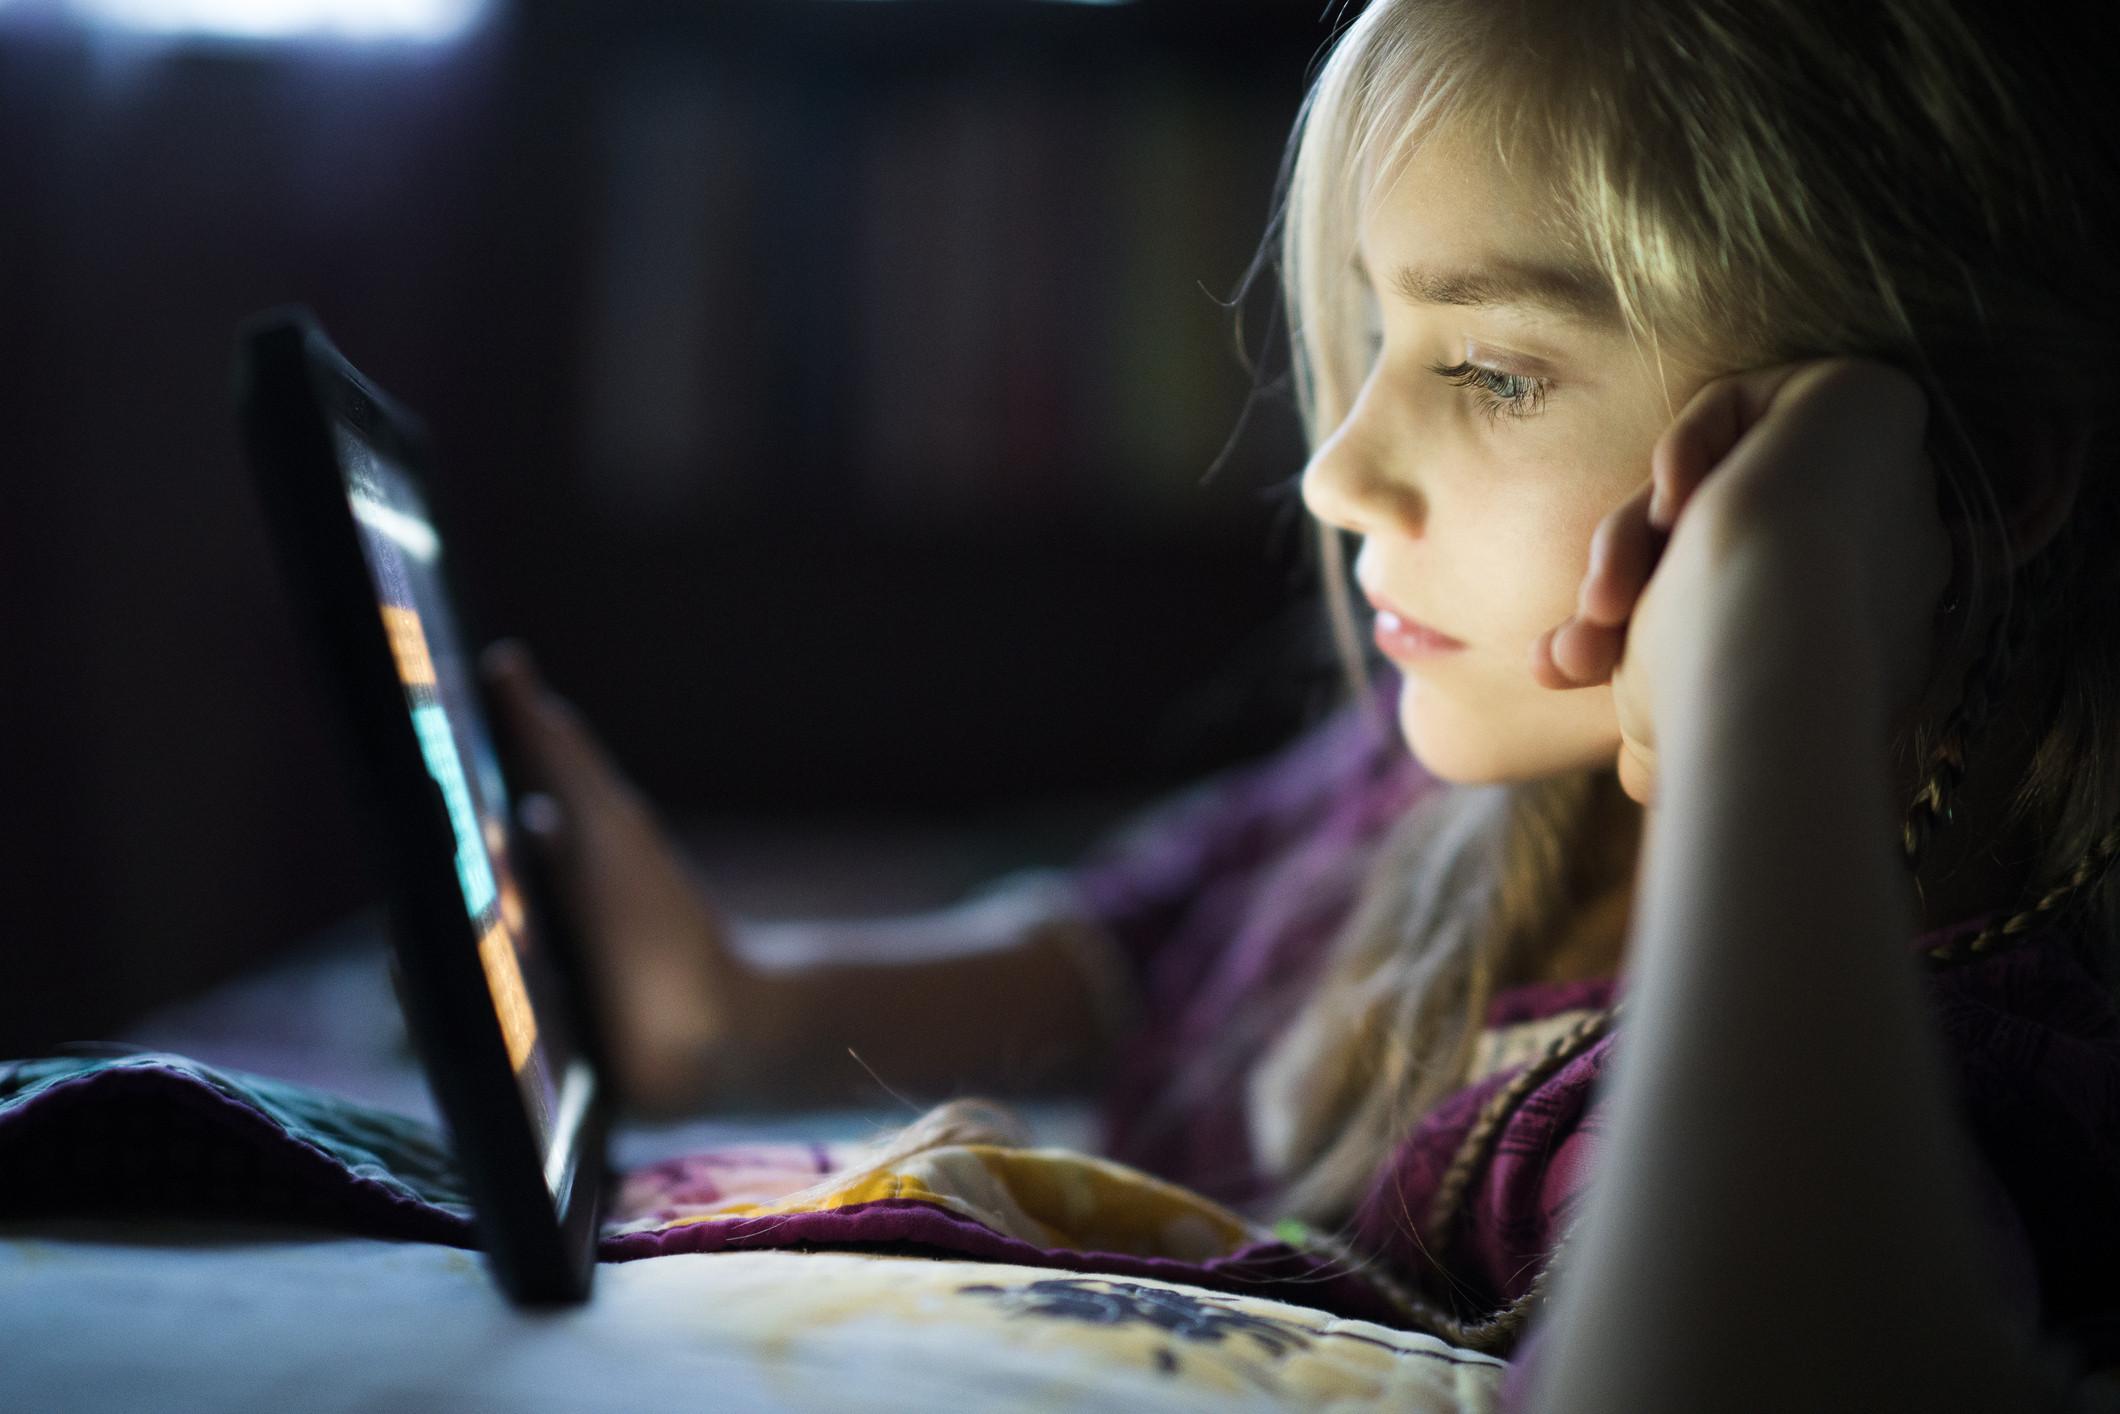 Sabe com quem o seu filho fala quando está na internet?